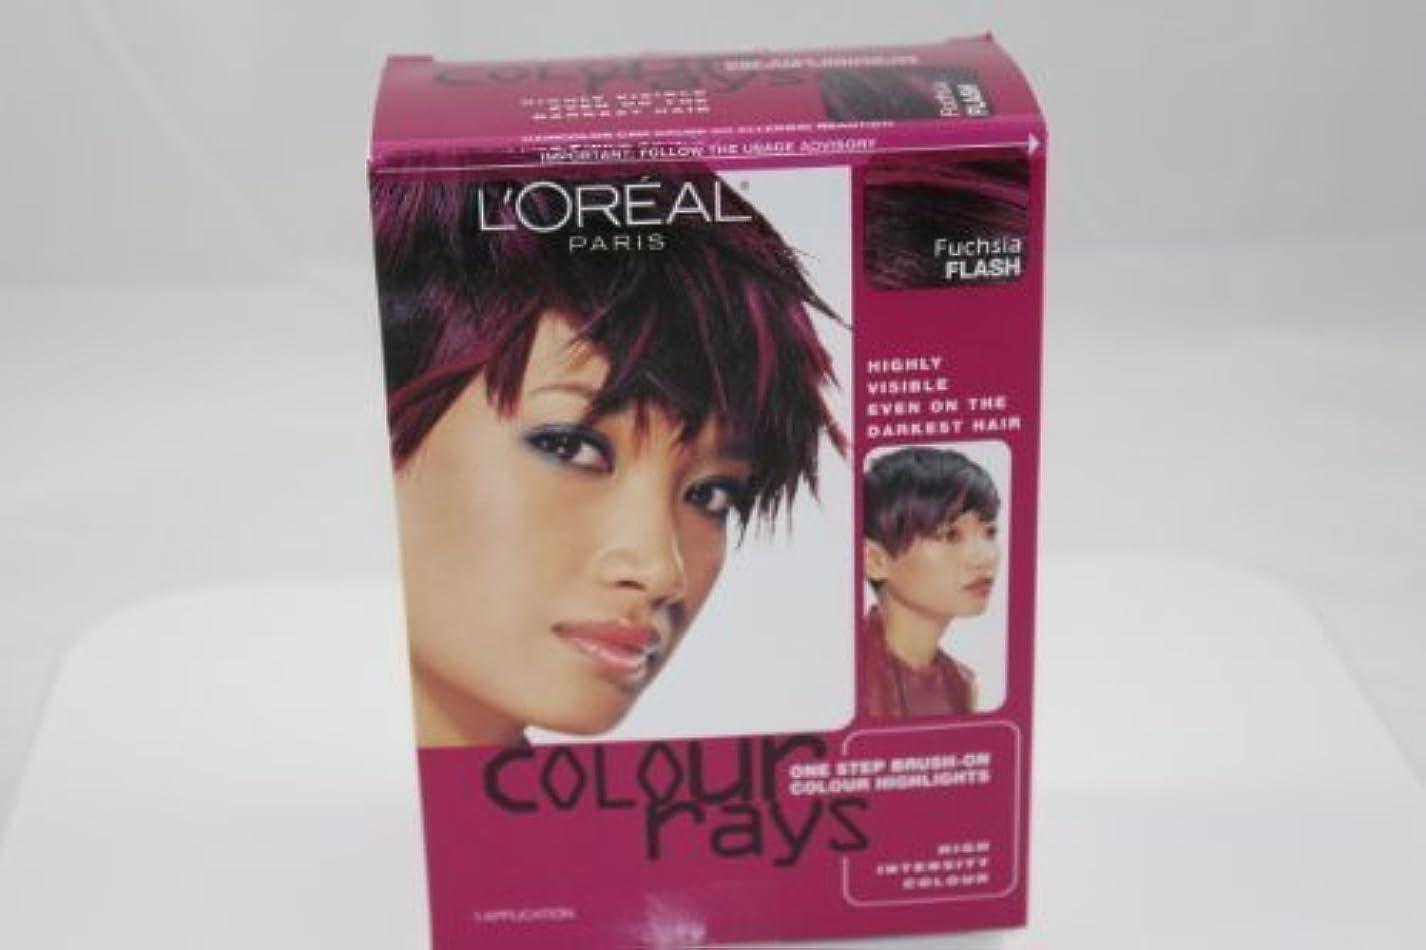 コンピューターを使用する性的白いL'Oreal Paris Colour Rays Hair Color, Fuschia Flash by L'Oreal Paris Hair Color [並行輸入品]